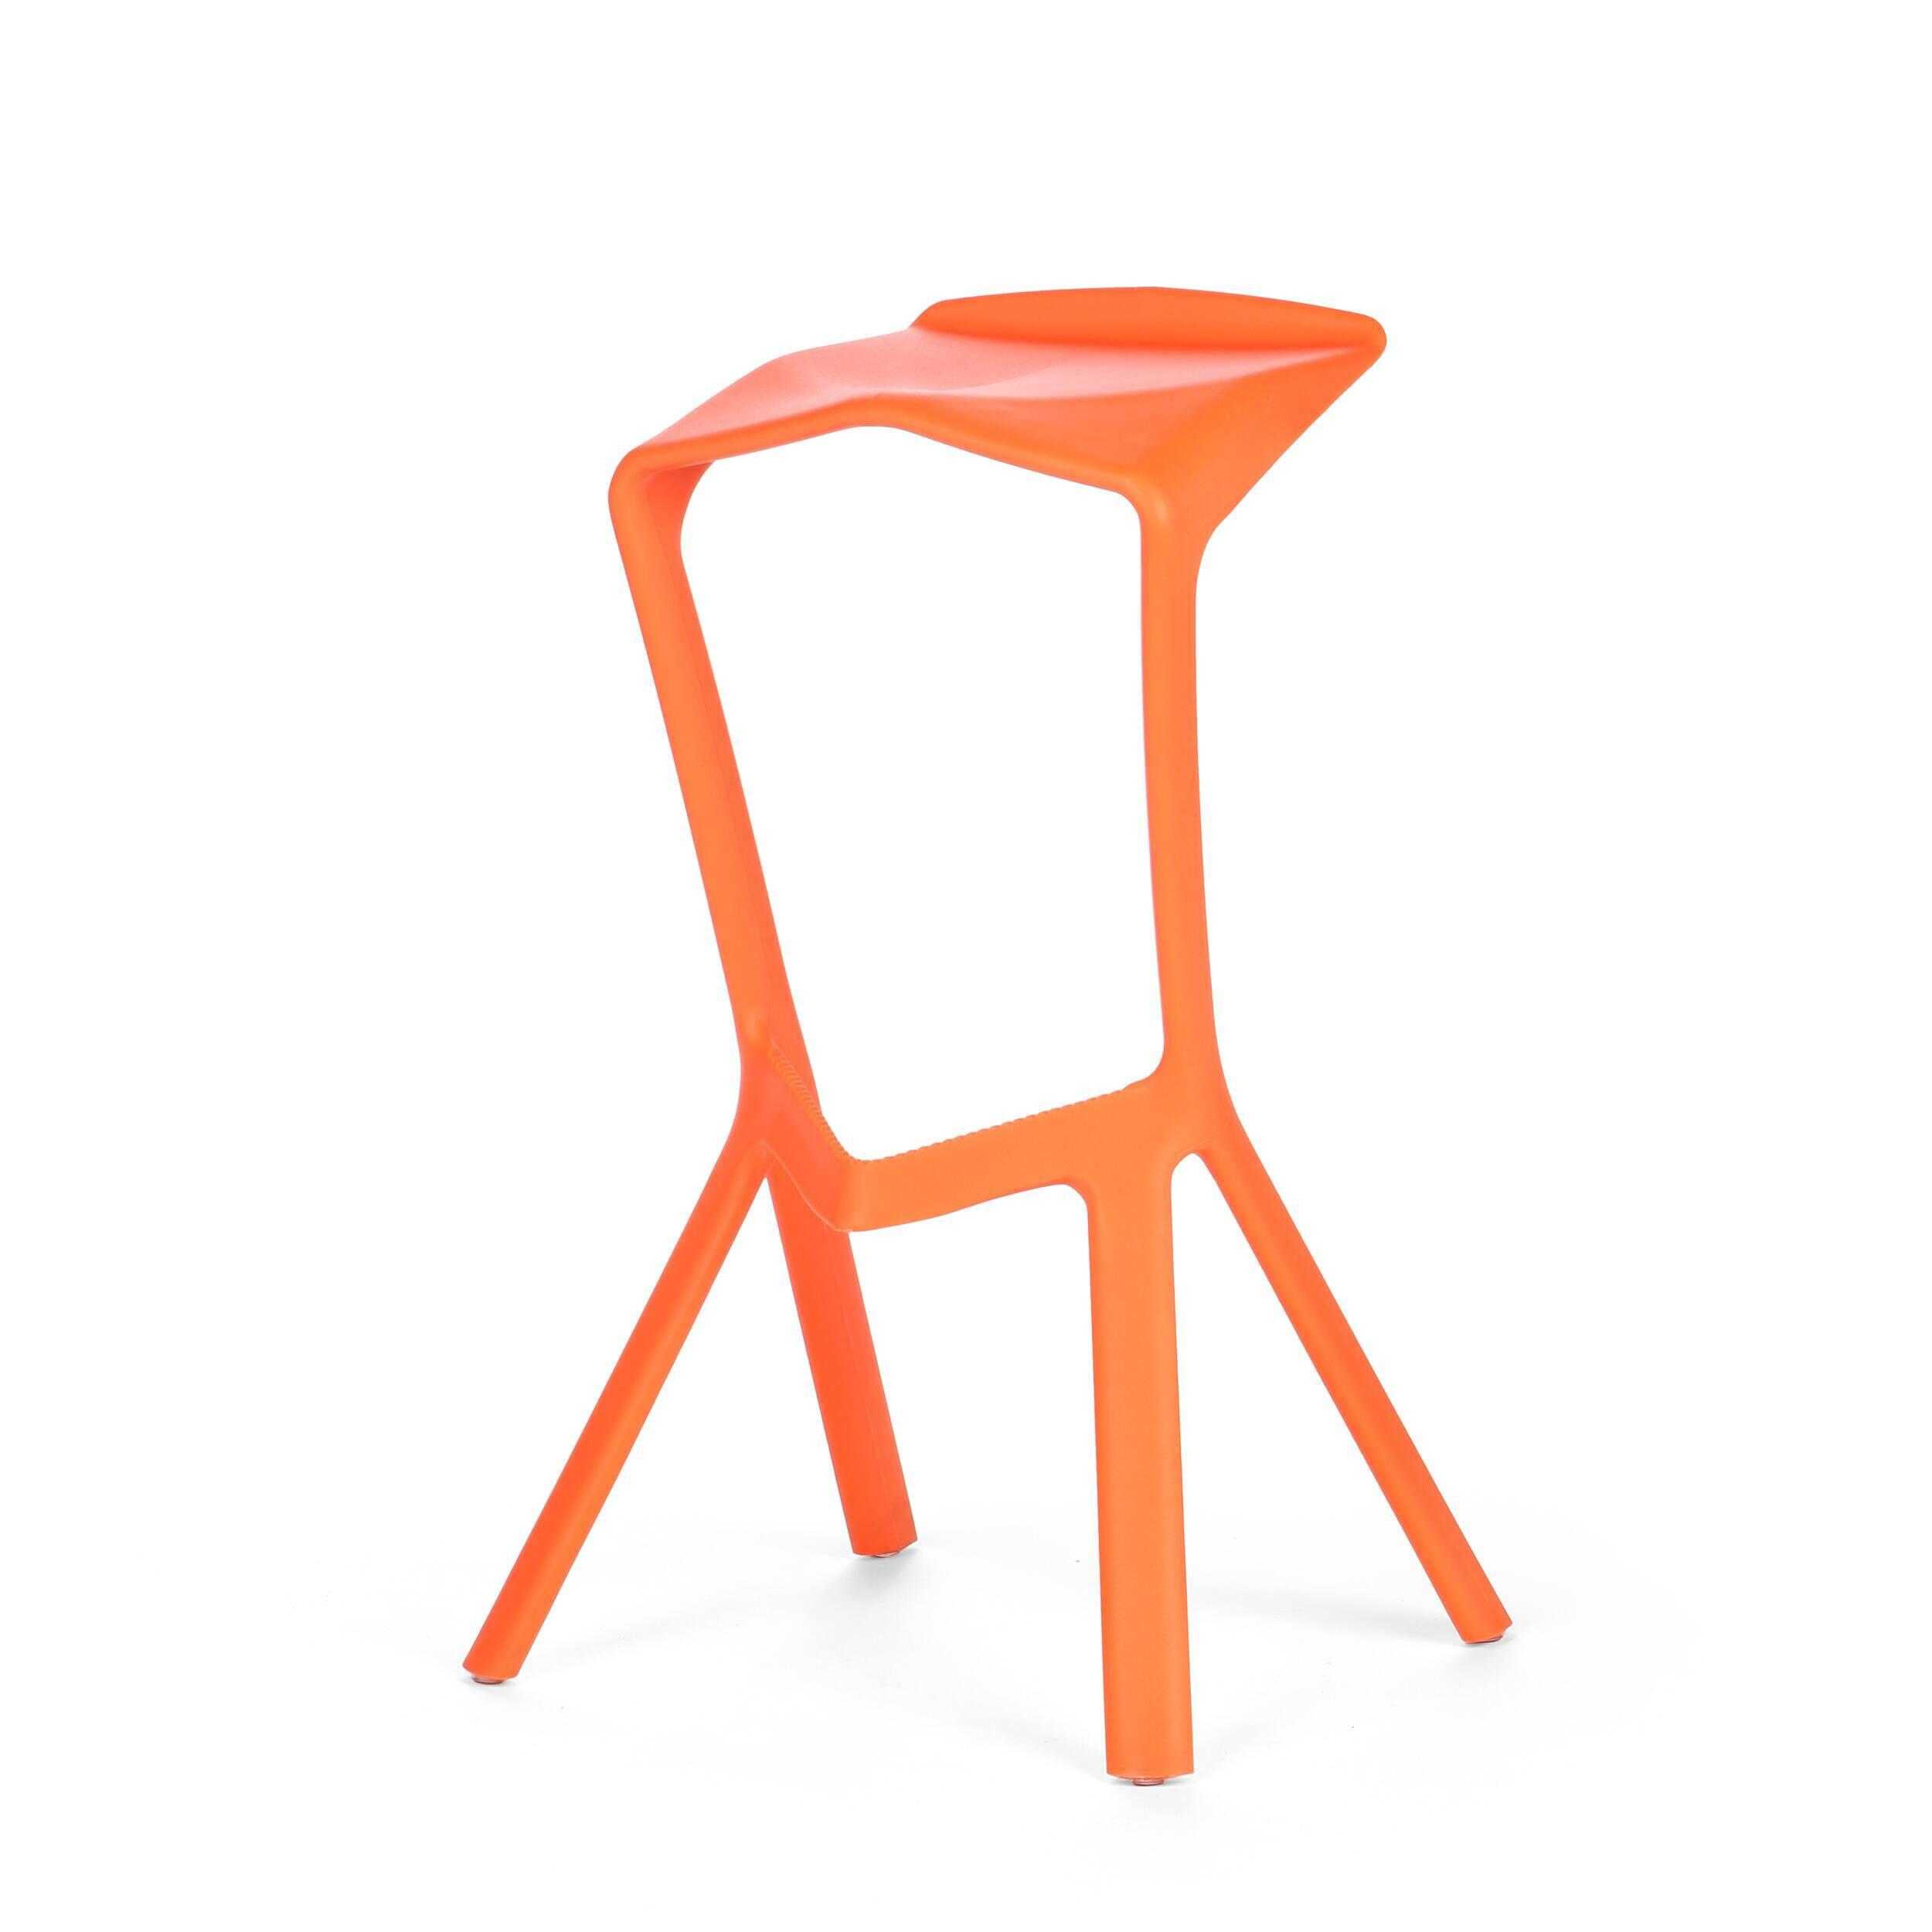 Барный стул Miura 2Барные<br>Дизайнерский барный стул Miura 2 (Миюра) необычной формы с каркасом из полипропилена от Cosmo (Космо). <br><br> Известный немецкий дизайнер Константин Грчик любит экспериментировать. Благодаря смелому видению и умению сочетать практичность и эстетику он получает самые престижные дизайнерские награды, его творения выигрывают призы на конкурсах, некоторые даже являются экспонатами Нью-Йоркского музея современного искусства. Барный стул Miura 2 — один из таких предметов, эта работа была представлен...<br><br>stock: 0<br>Высота: 82<br>Высота сиденья: 77.5<br>Ширина: 48<br>Глубина: 40.5<br>Тип материала каркаса: Полипропилен<br>Цвет каркаса: Оранжевый